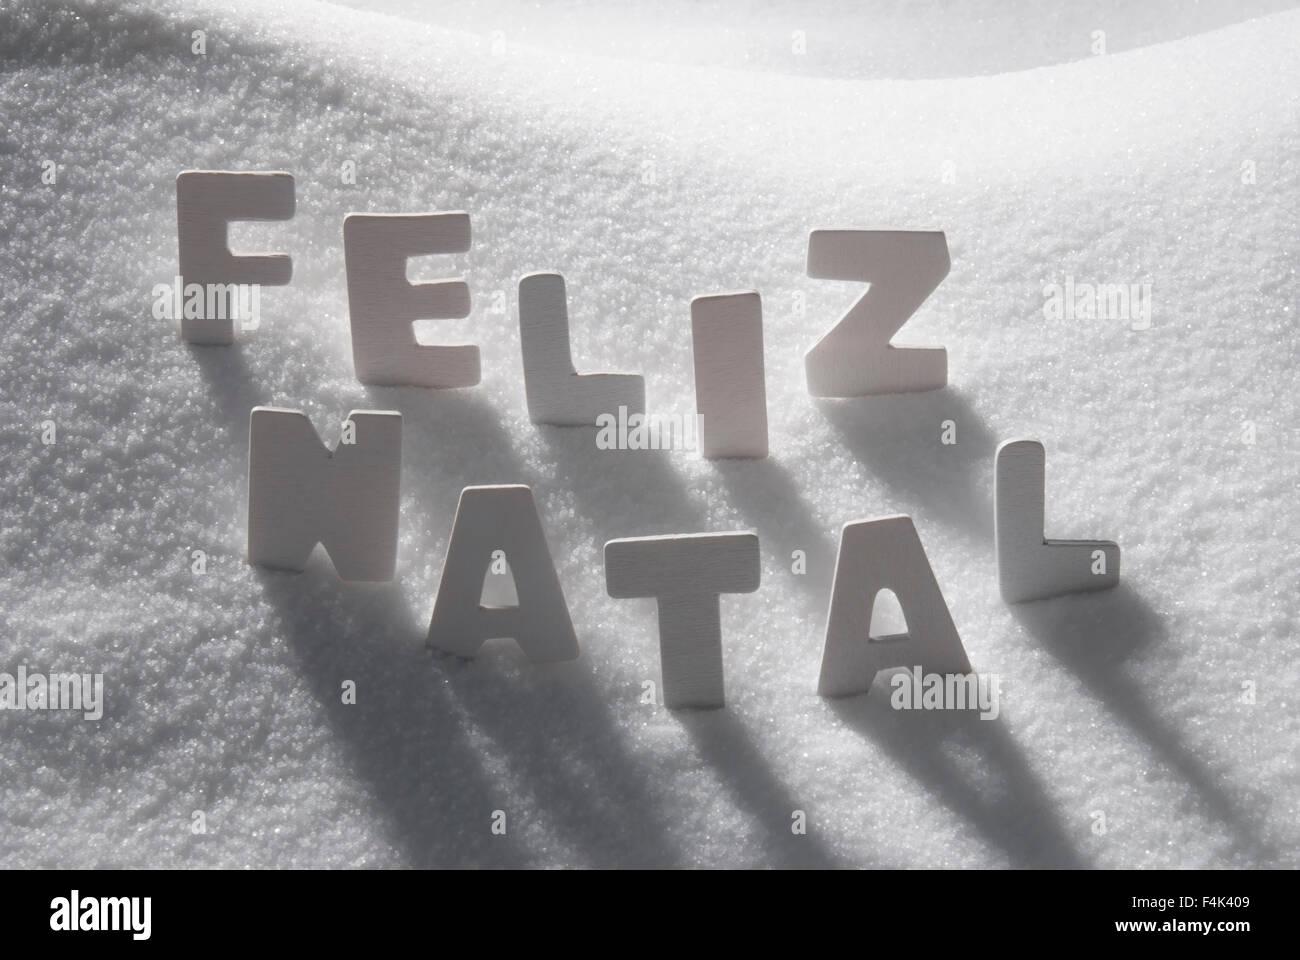 White Word Feliz Natal Mean Merry Christmas On Snow Stock Photo ...